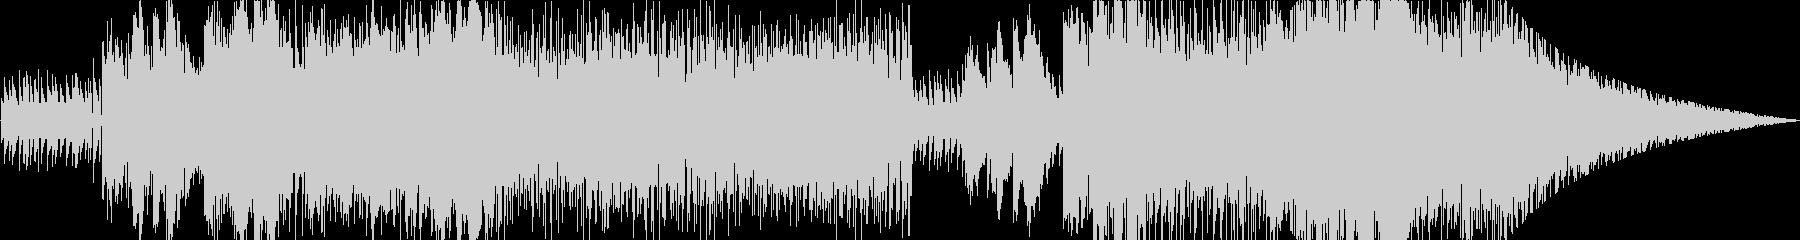 エレクトロボサノバの未再生の波形